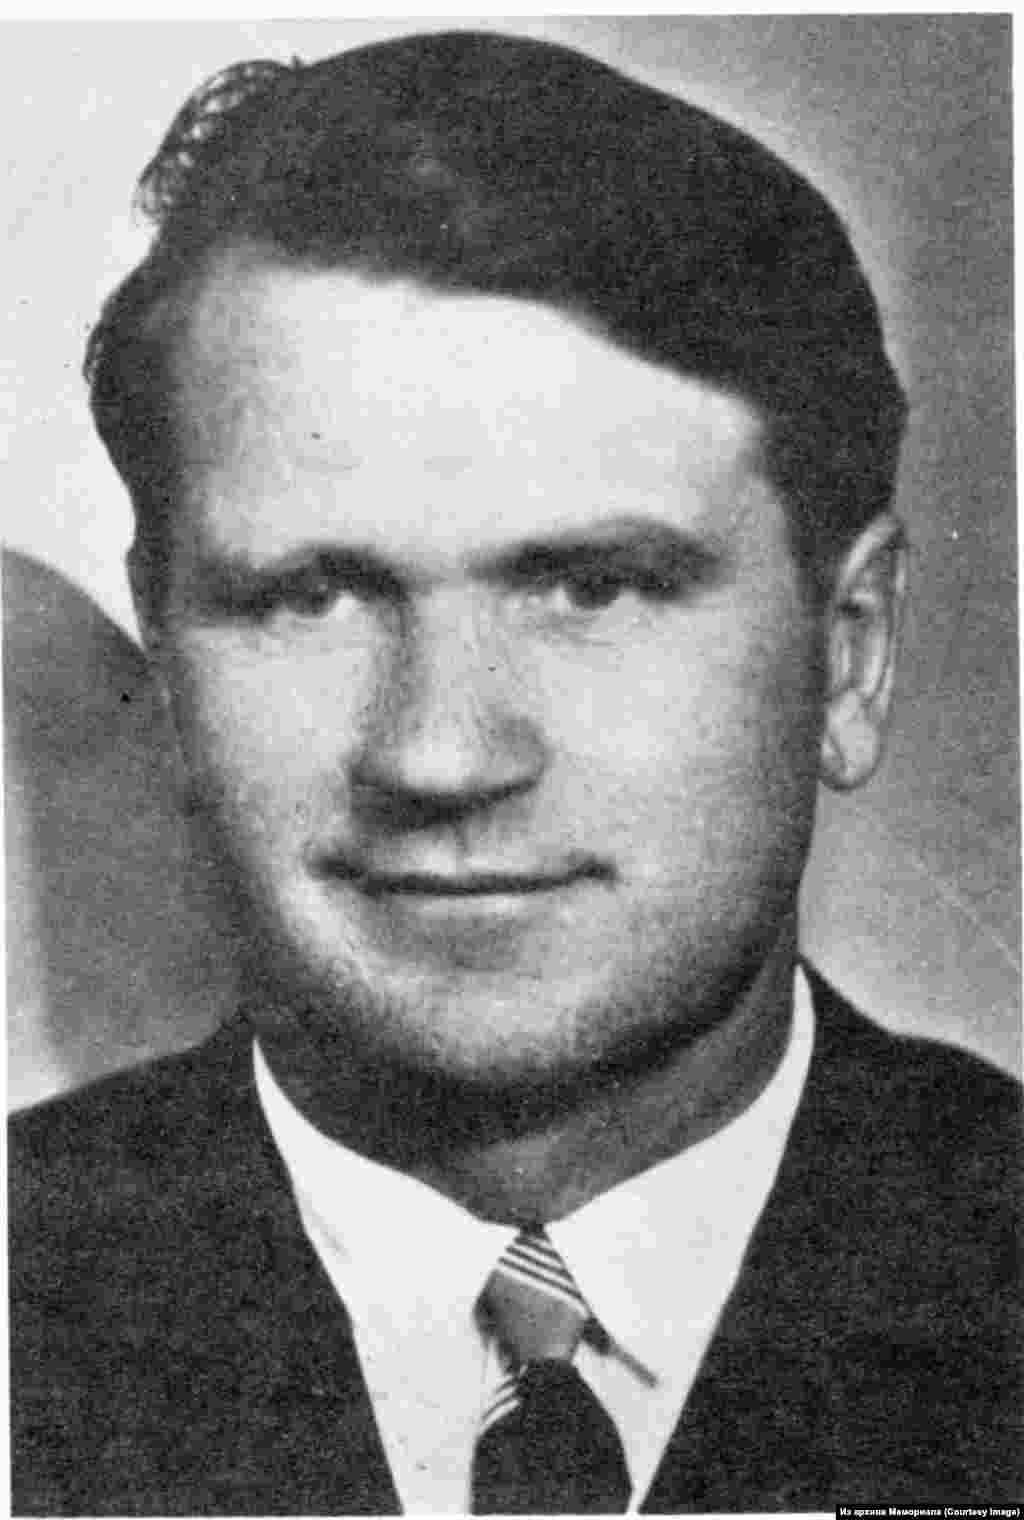 """АнтанасТерляцкас (род.1928) - участник литовской подпольной группы """"Национальный фронт"""", политзаключенный с 1957 по 1960, второй раз по политическому обвинению в лагере и ссылке с 1979 по 1986."""